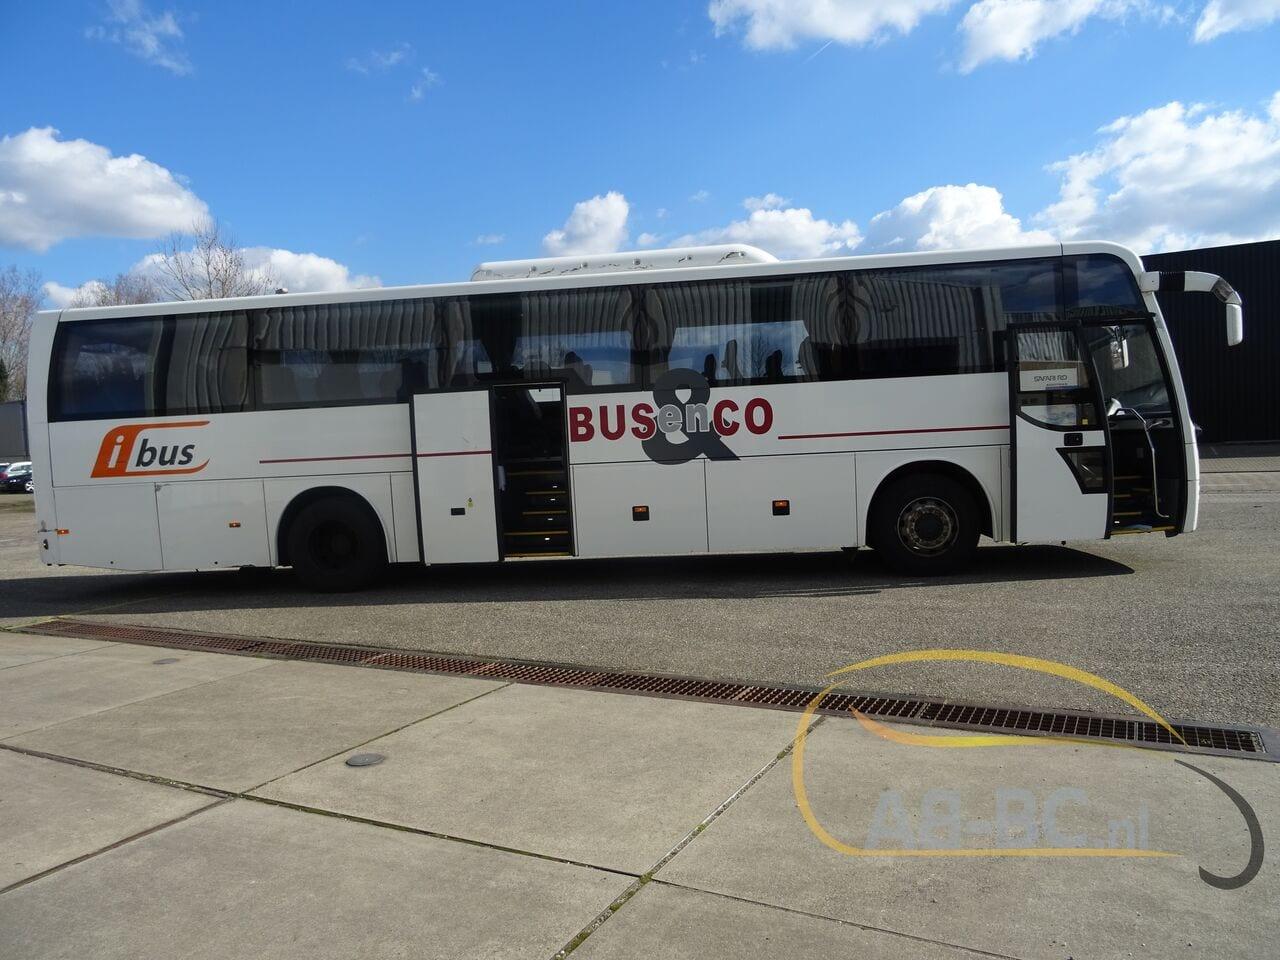 coach-busTEMSA-Safari-RD-53-Seats-DAF-Motor-12-mtr---1616164243777533344_big_5f89f1e4eb35397f83a681cff8d7a899--21031916283496651600